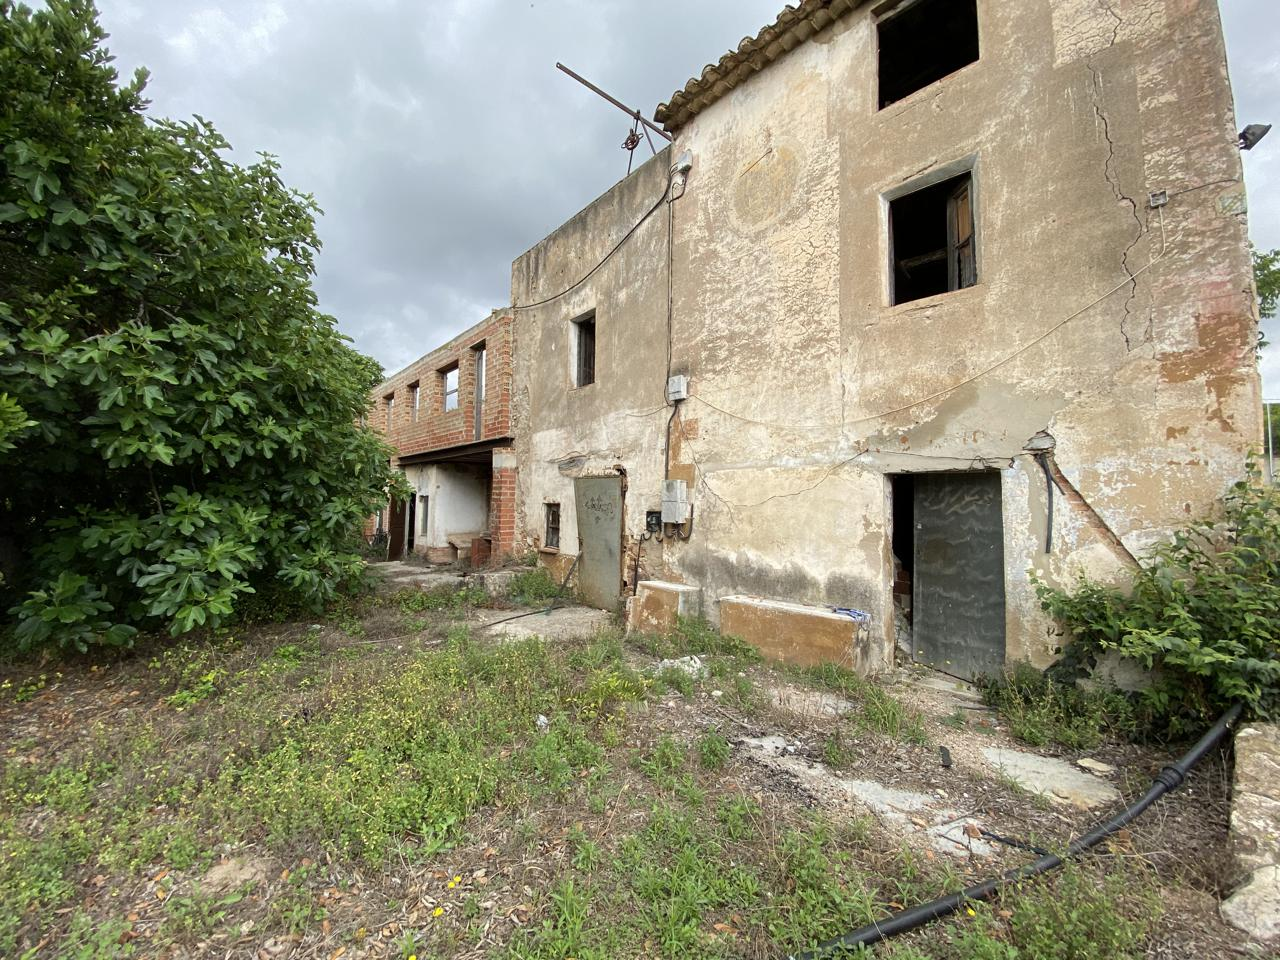 Solar urbano  Carretera d'alcover. Terreny en venda situat a prop de valls, 43800 (tarragona), c/al